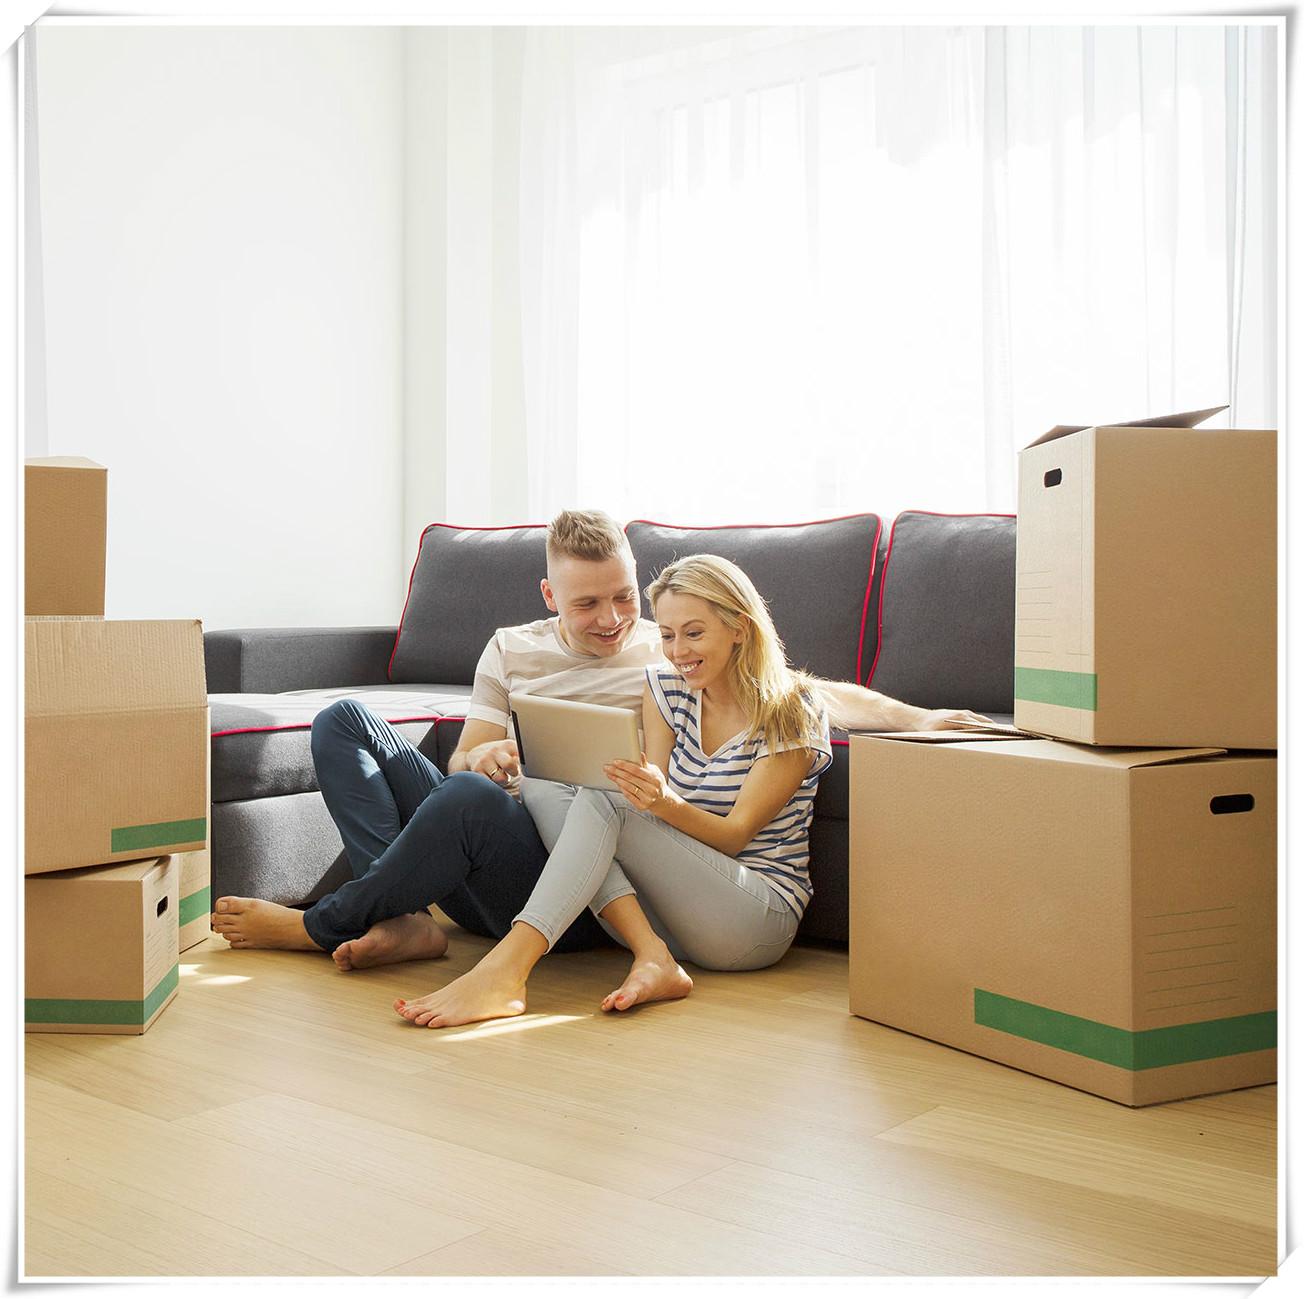 选择搬家公司需要谨慎